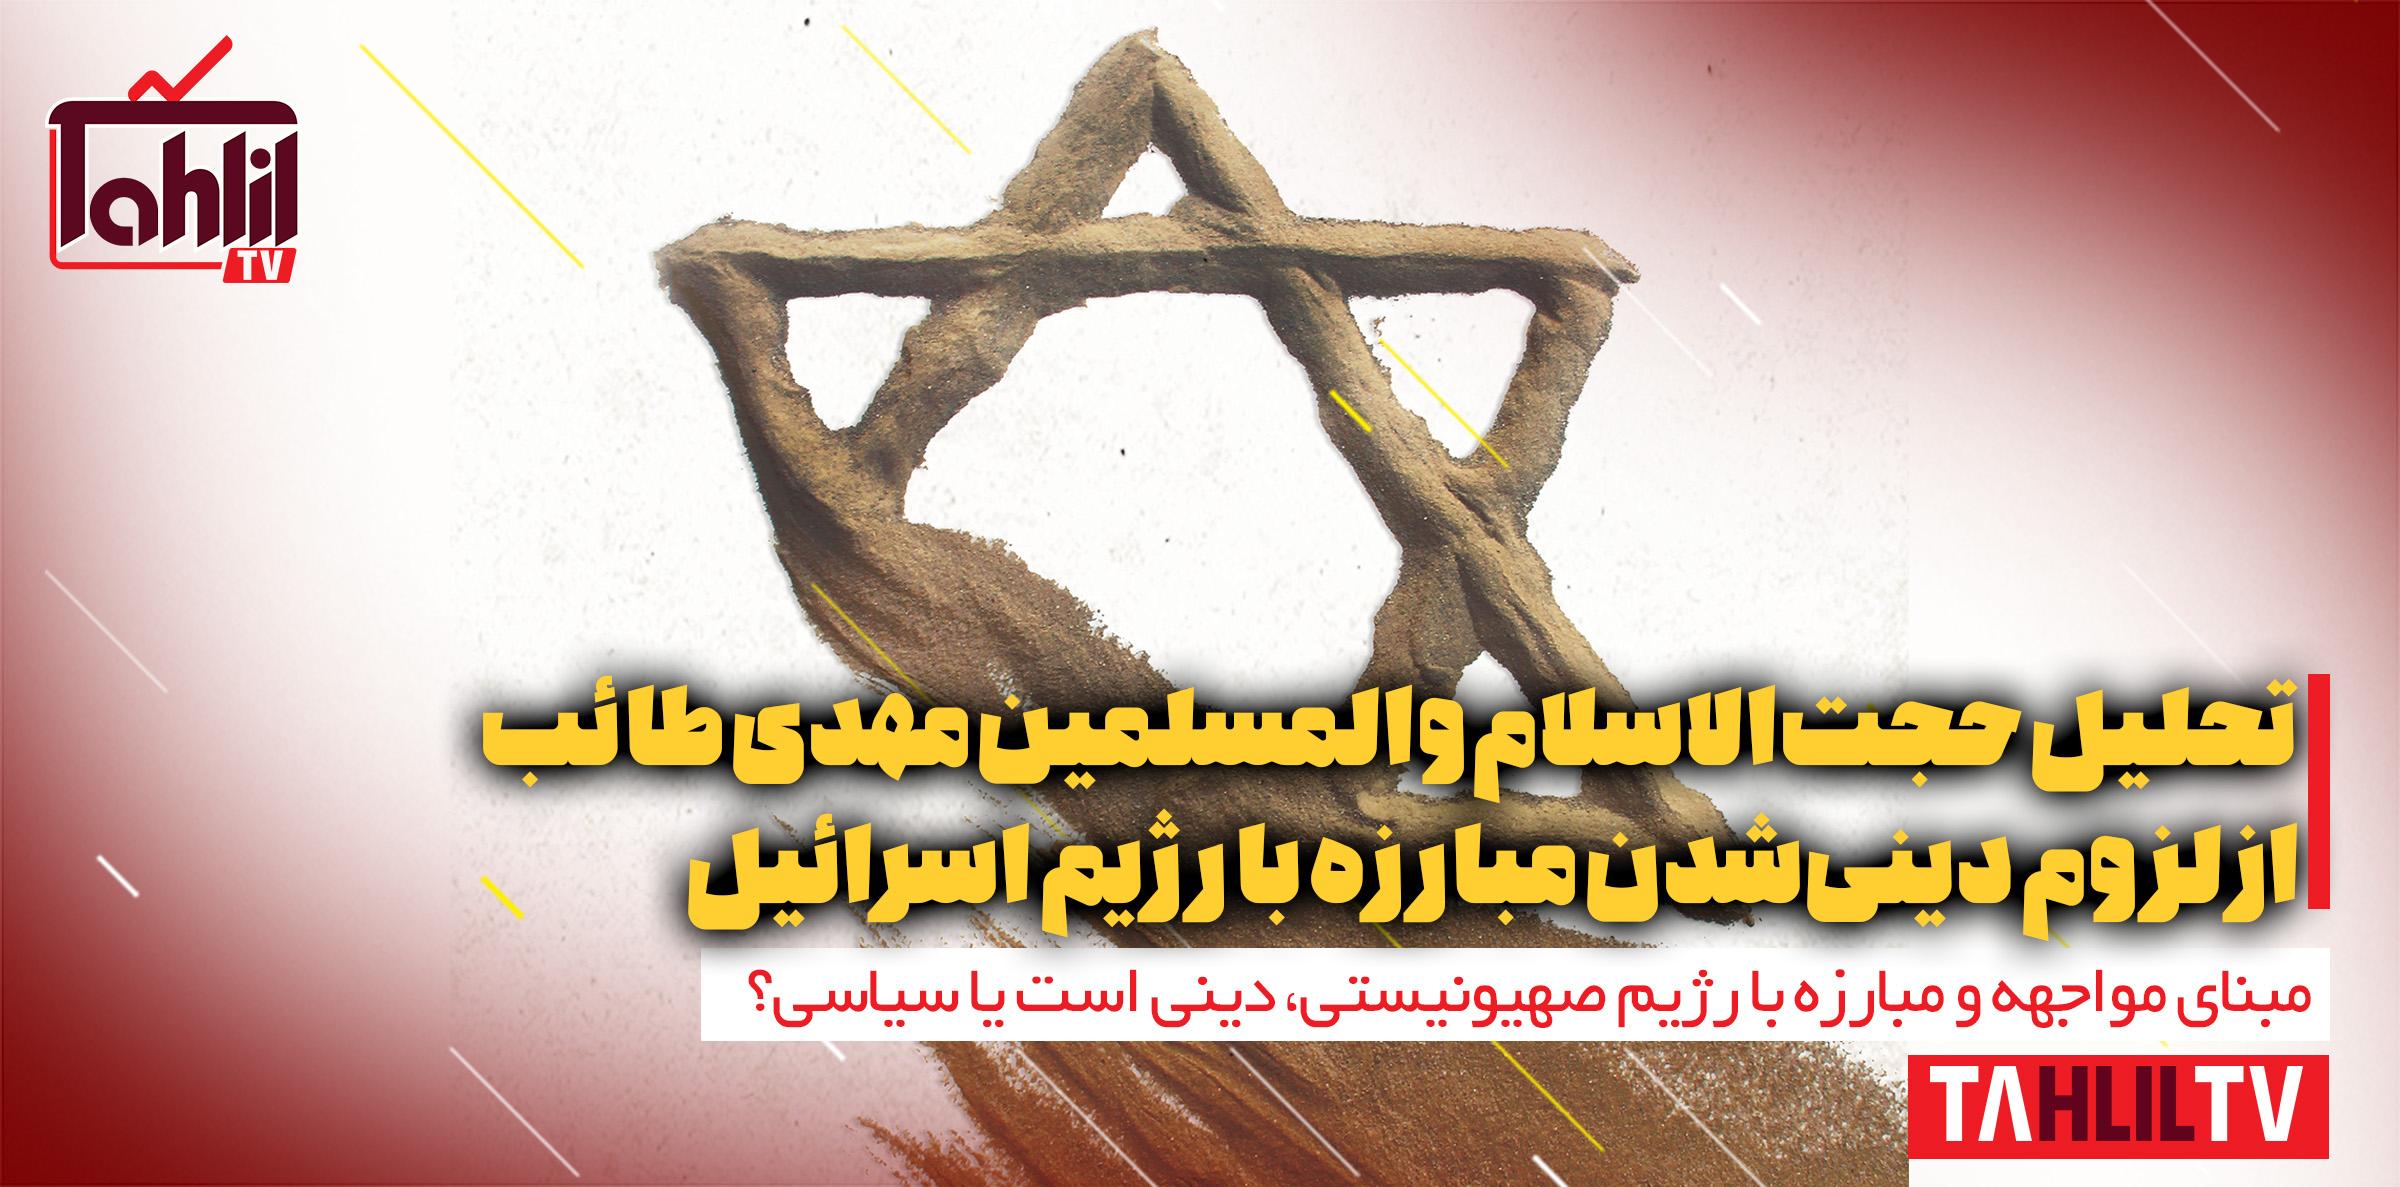 لزوم دینیشدن مبارزه با رژیم صهیونیستی